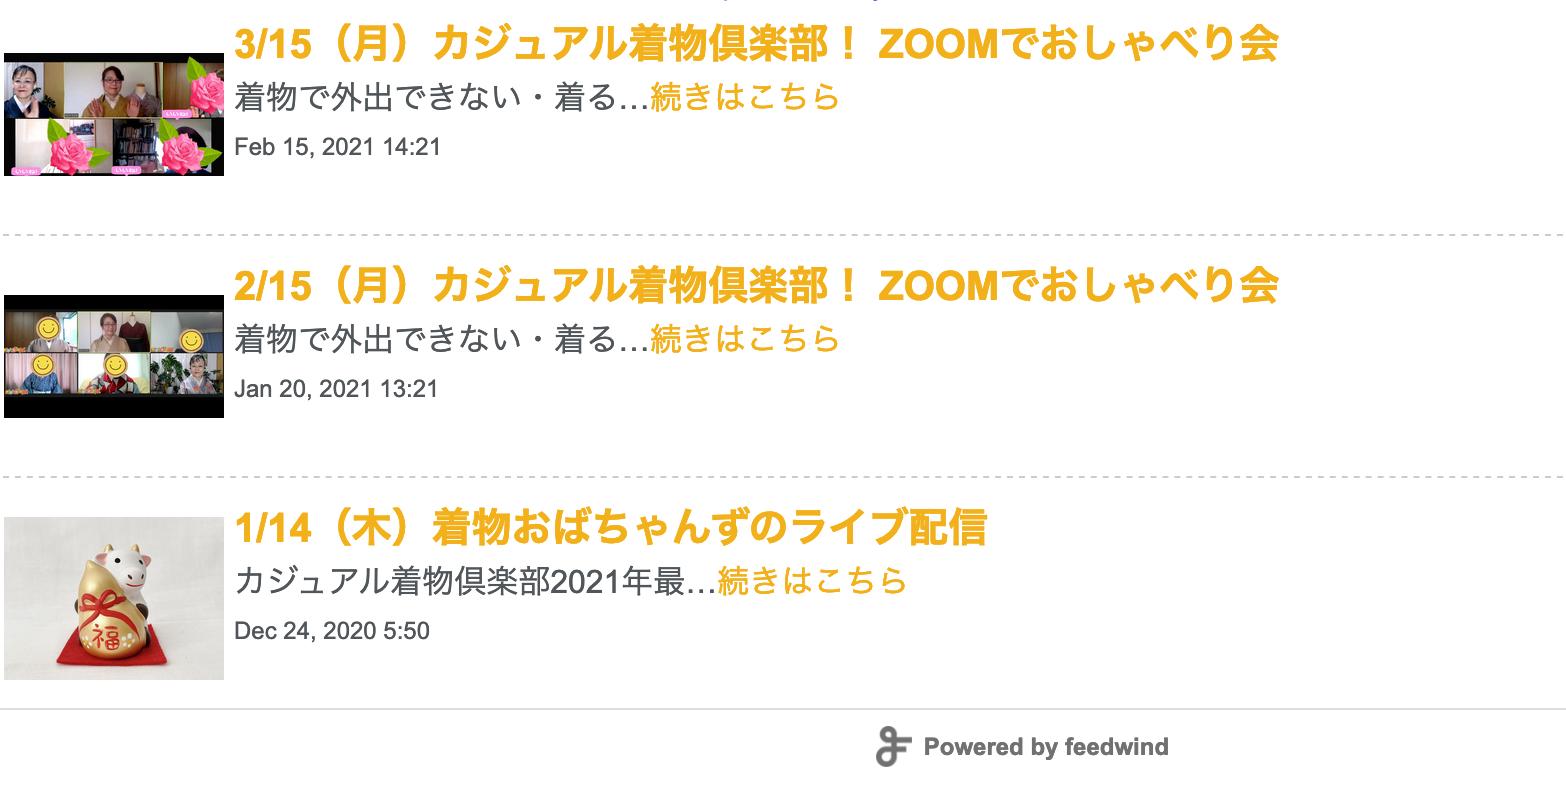 ブログパーツFeedWind無料版に2021年3月から広告表示がされる件